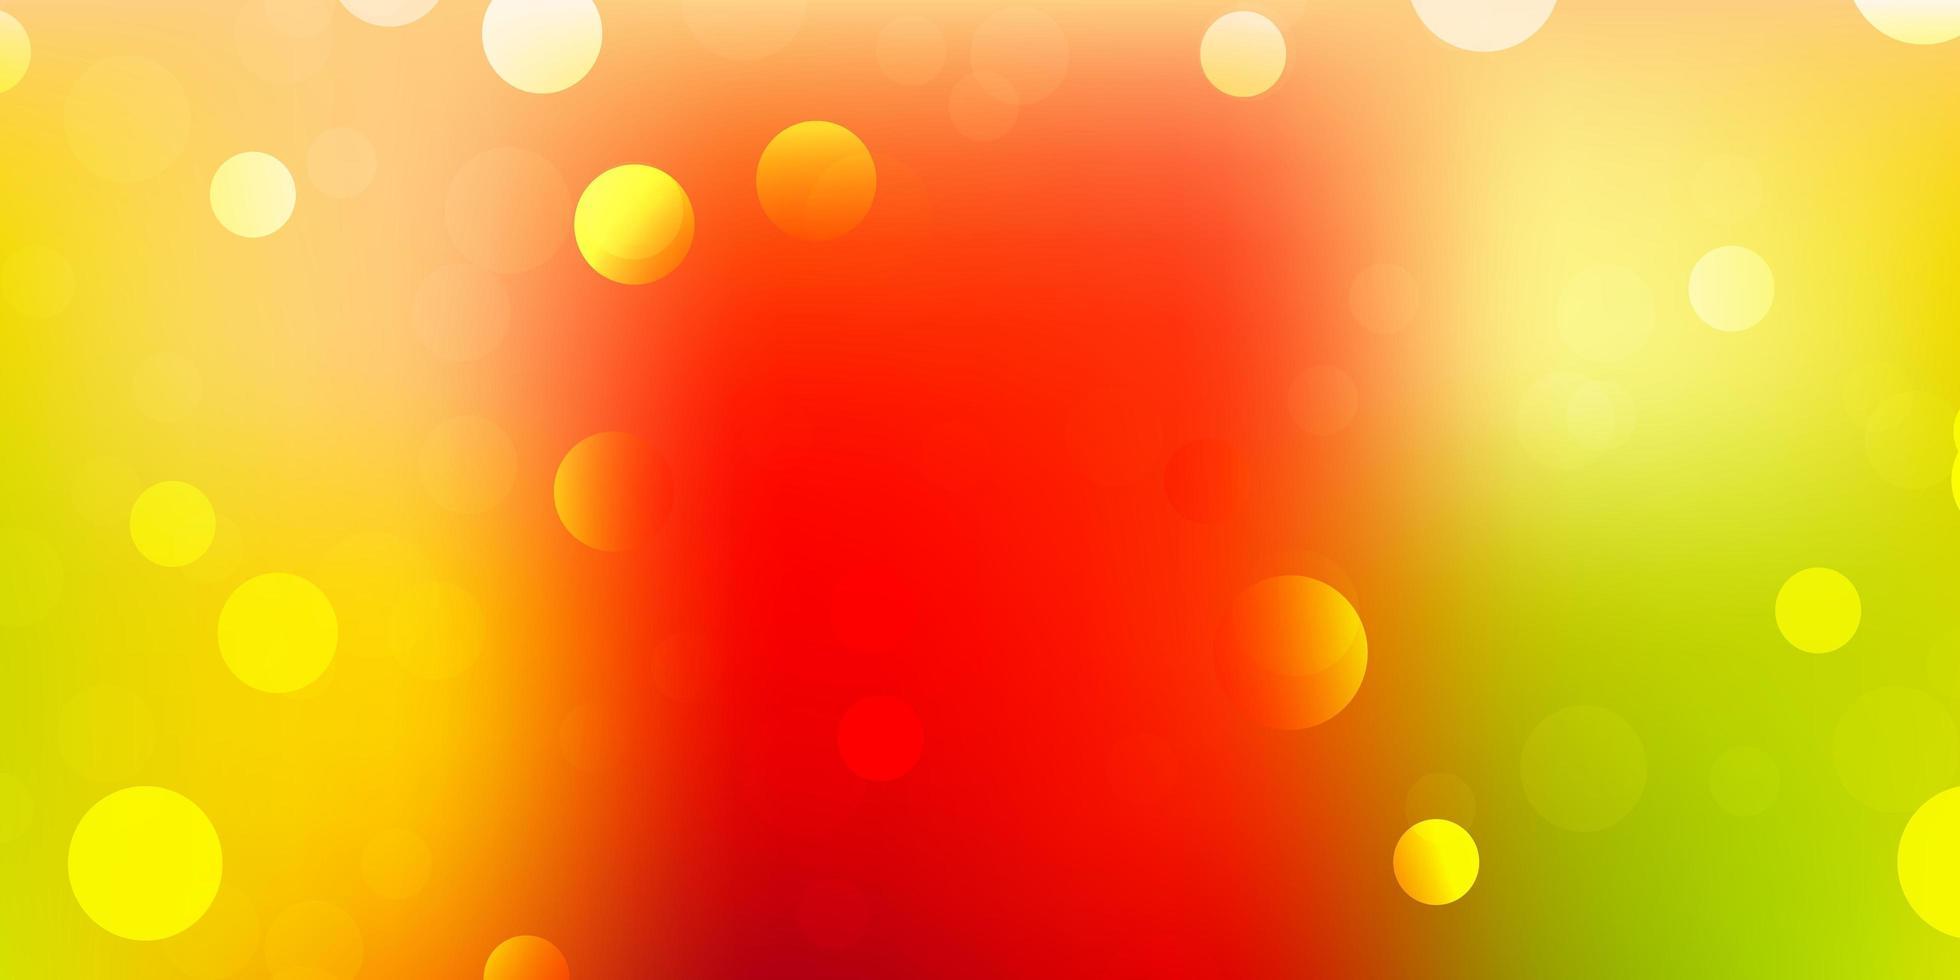 modelo multicolor com formas abstratas. vetor